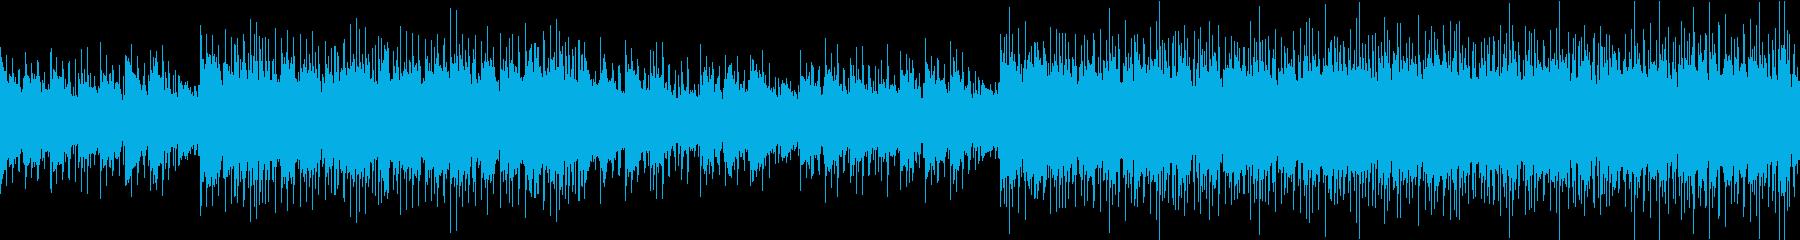 VP系18/ループ、高揚感、躍動感ロックの再生済みの波形